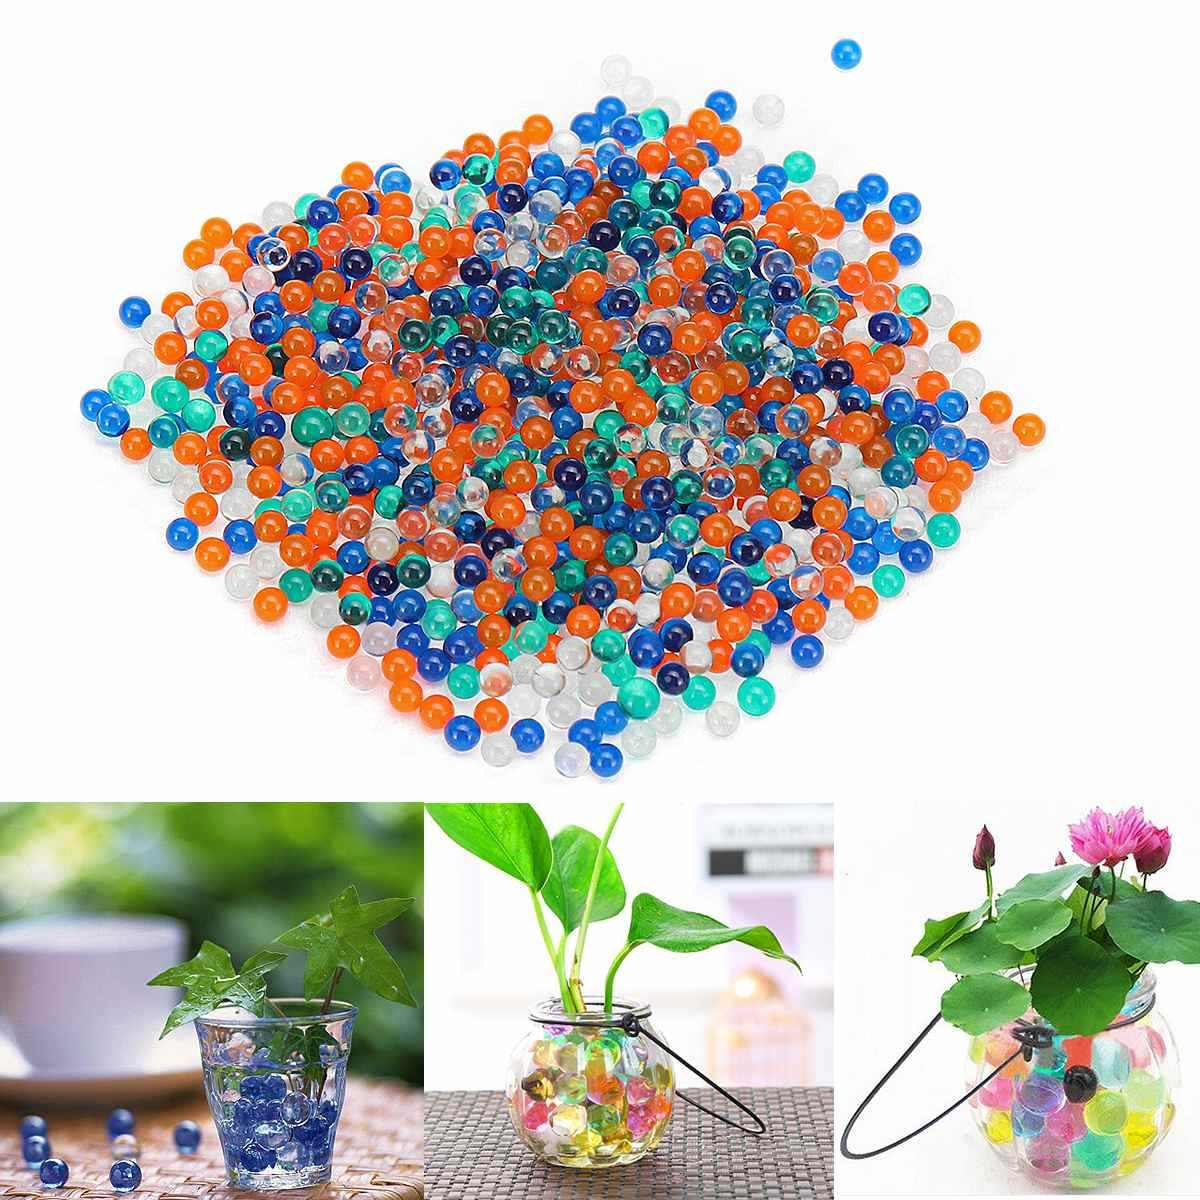 10000 Pcs 7-8mm Kristall Kugeln Wasser Ammo Perlen Für Gel Ball Pistolen Blasters Spielzeug Wasser Pistolen Munition außenshotting Kugeln